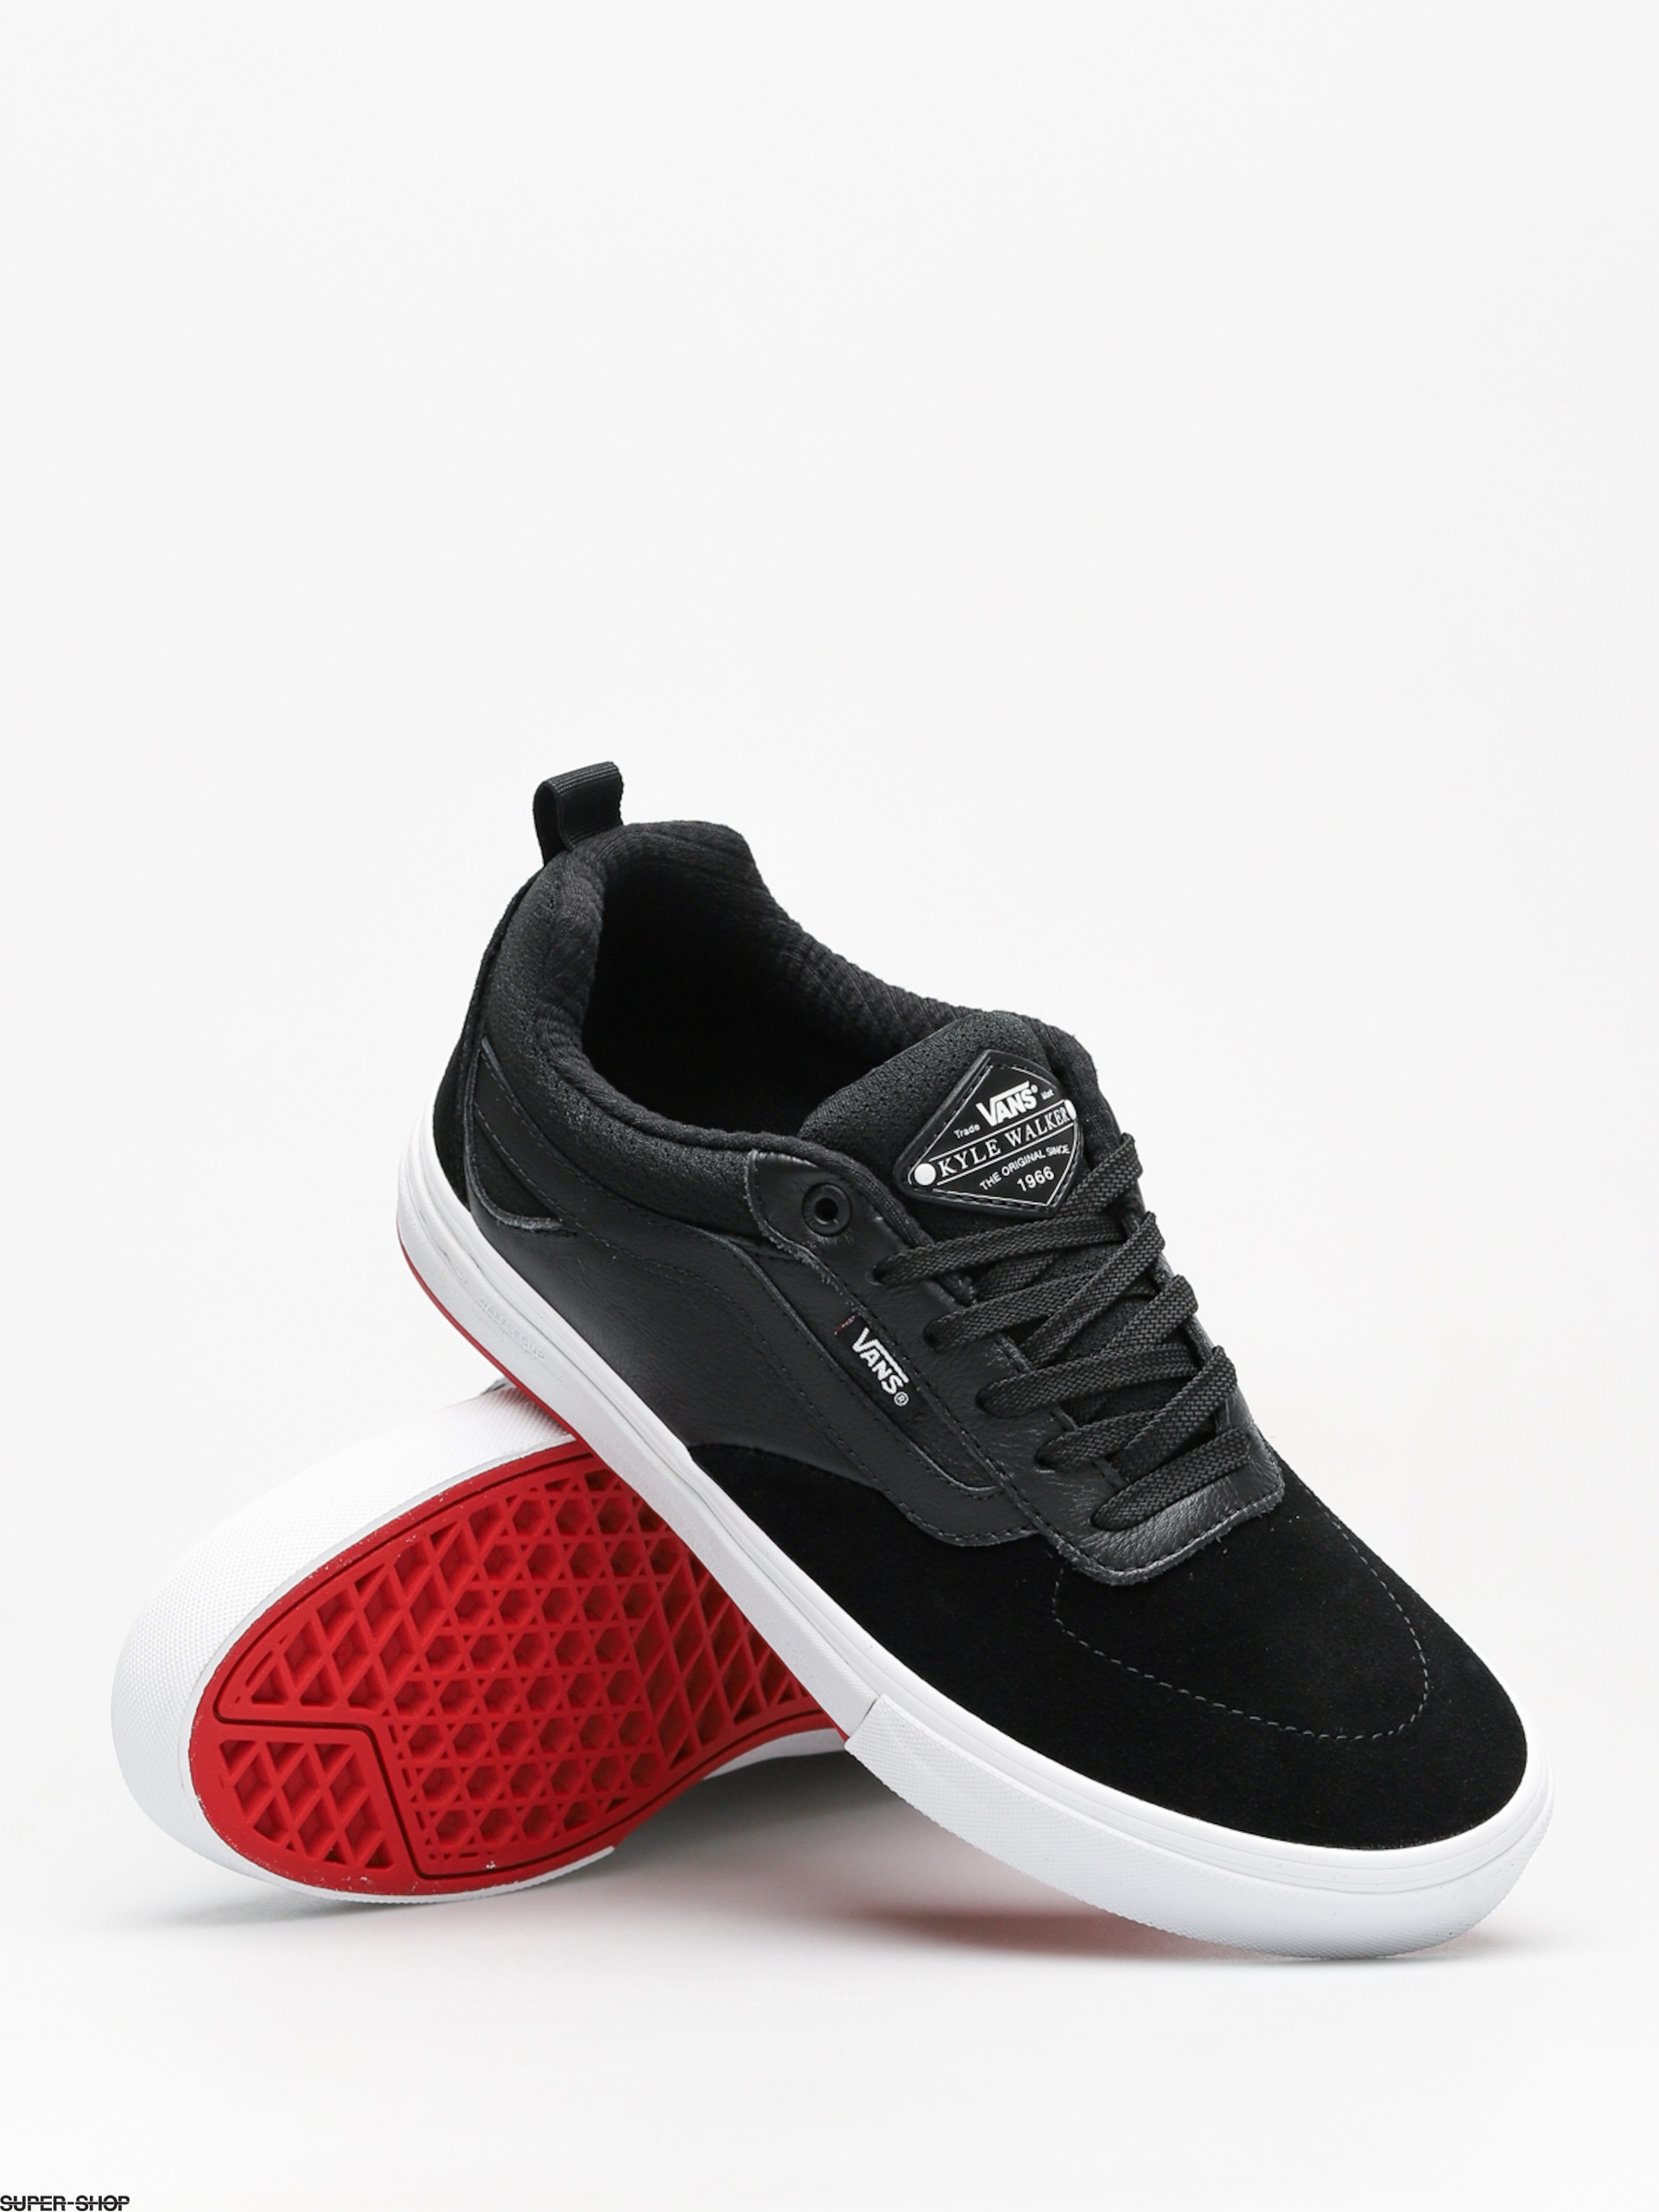 Vans Shoes Kyle Walker Pro (black/red)